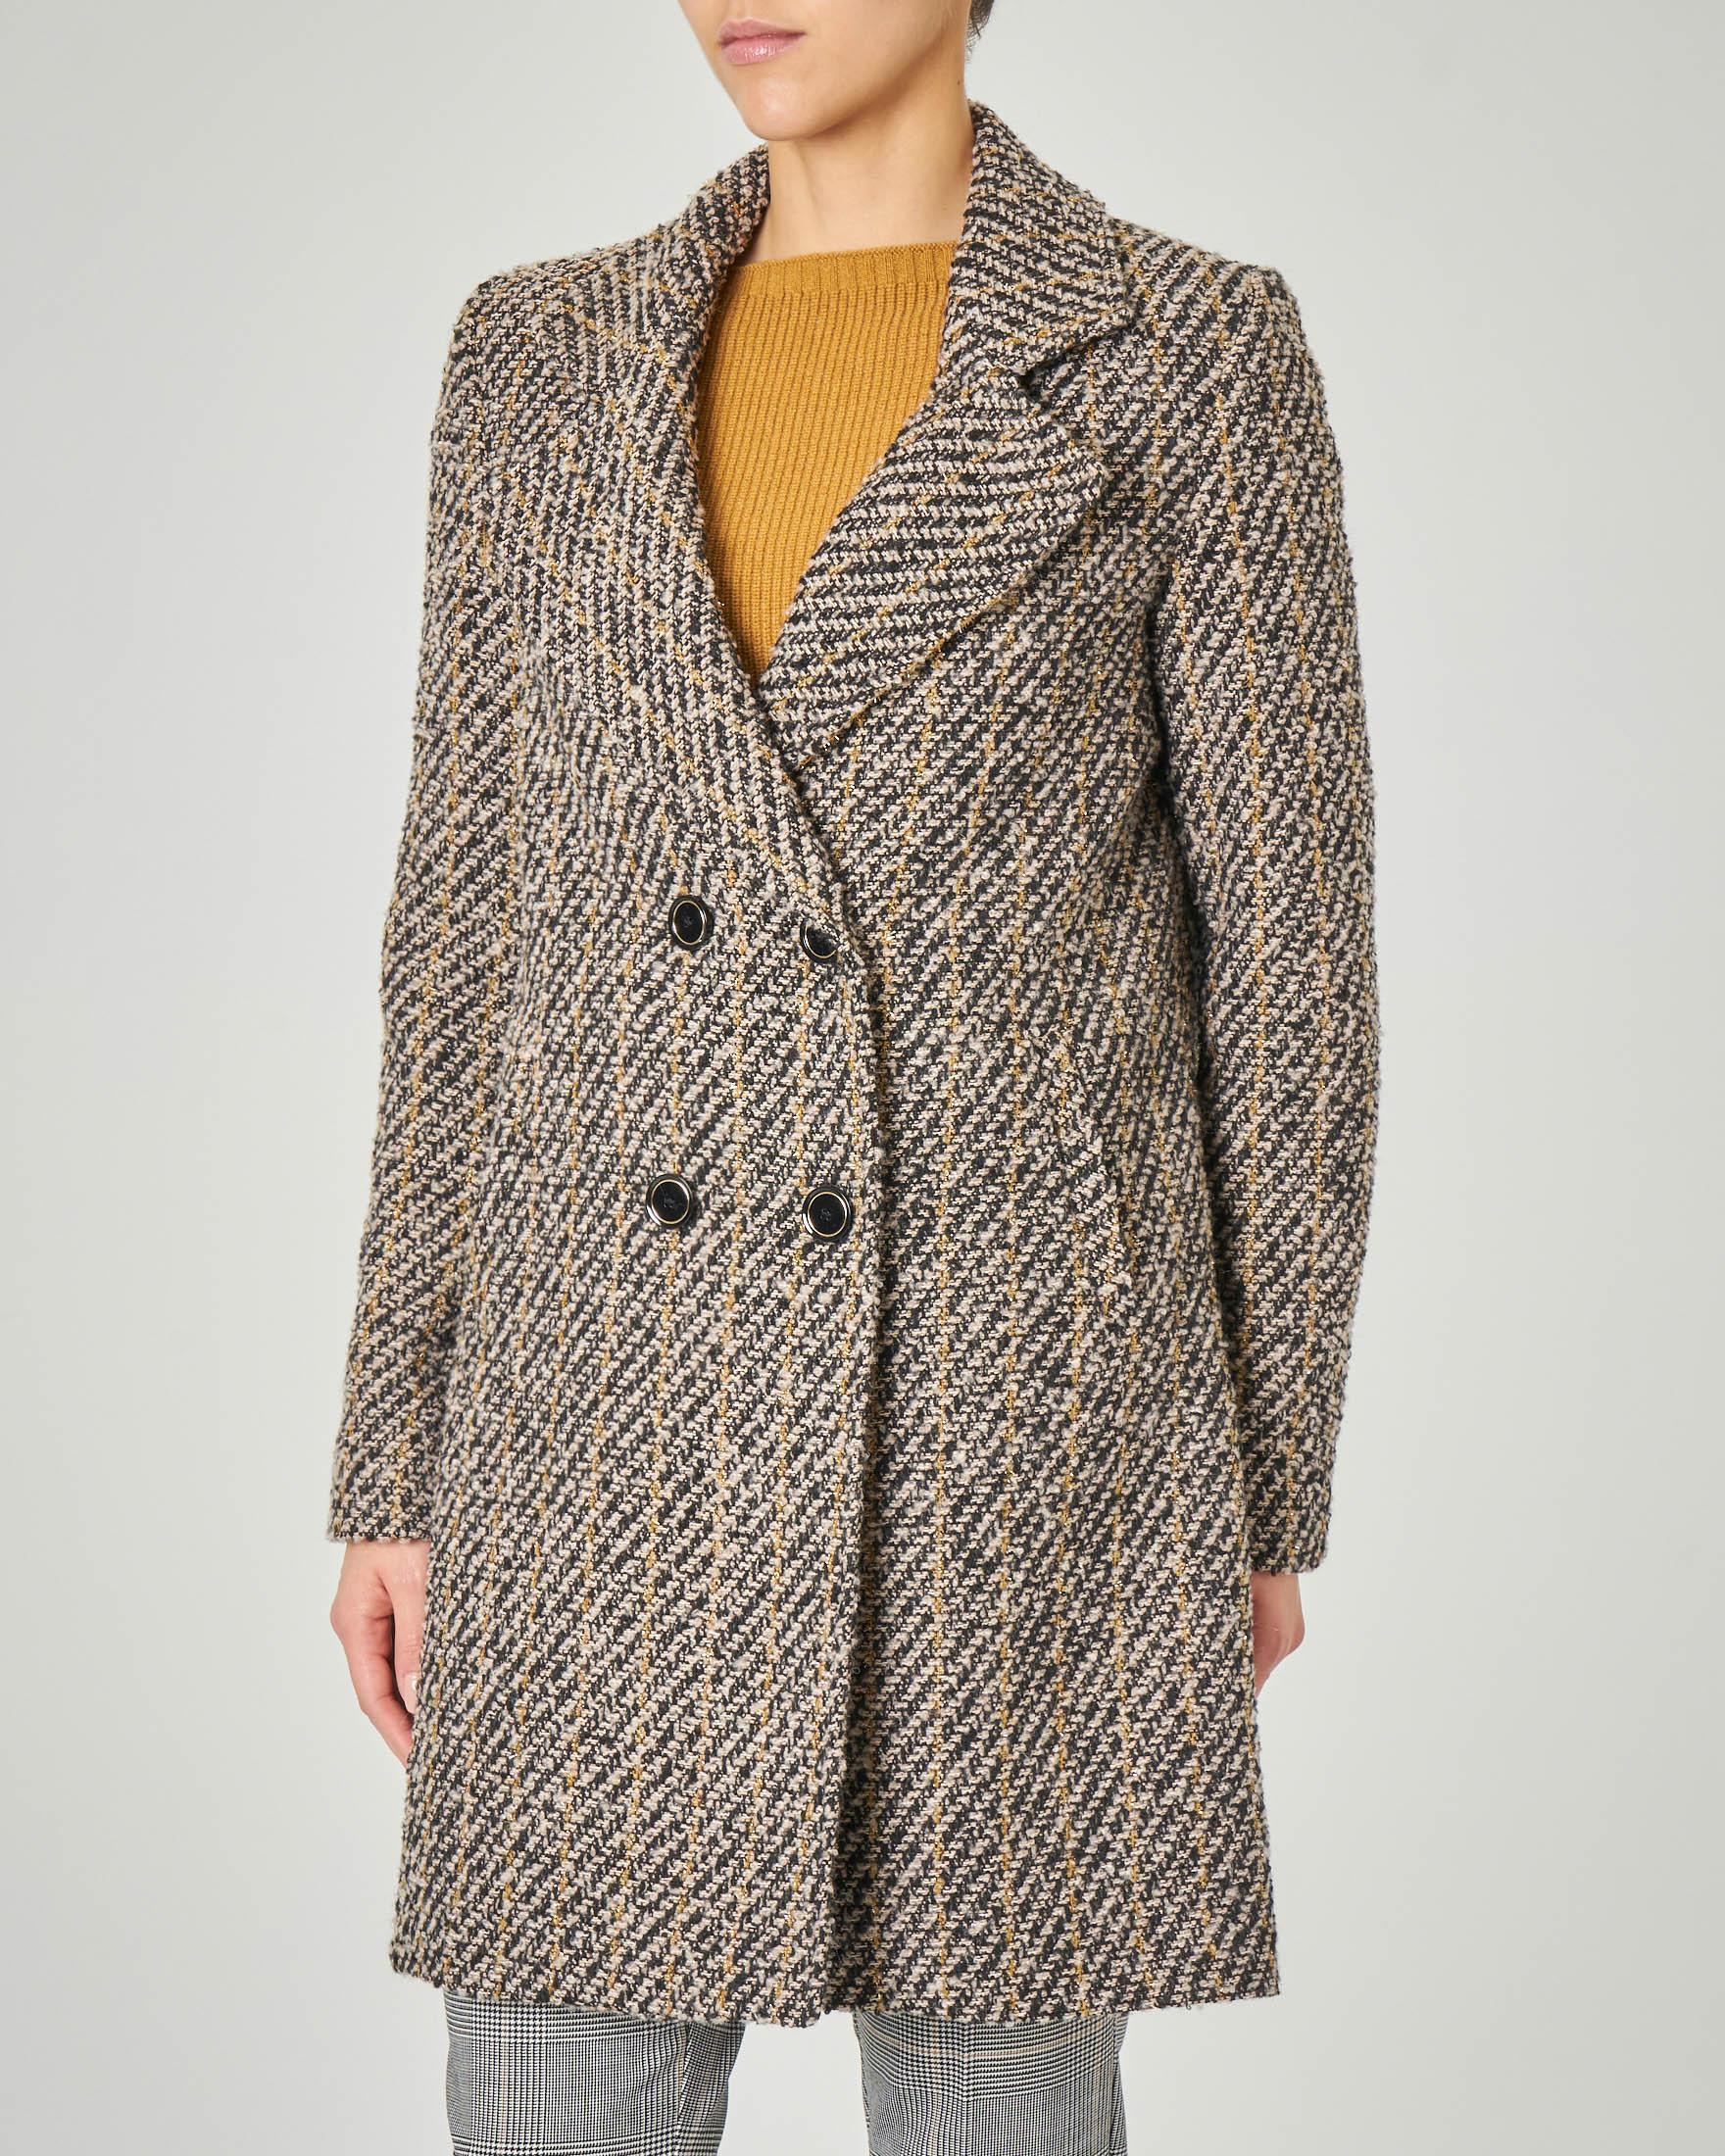 Cappotto doppiopetto in tessuto spigato nero con righina gialla